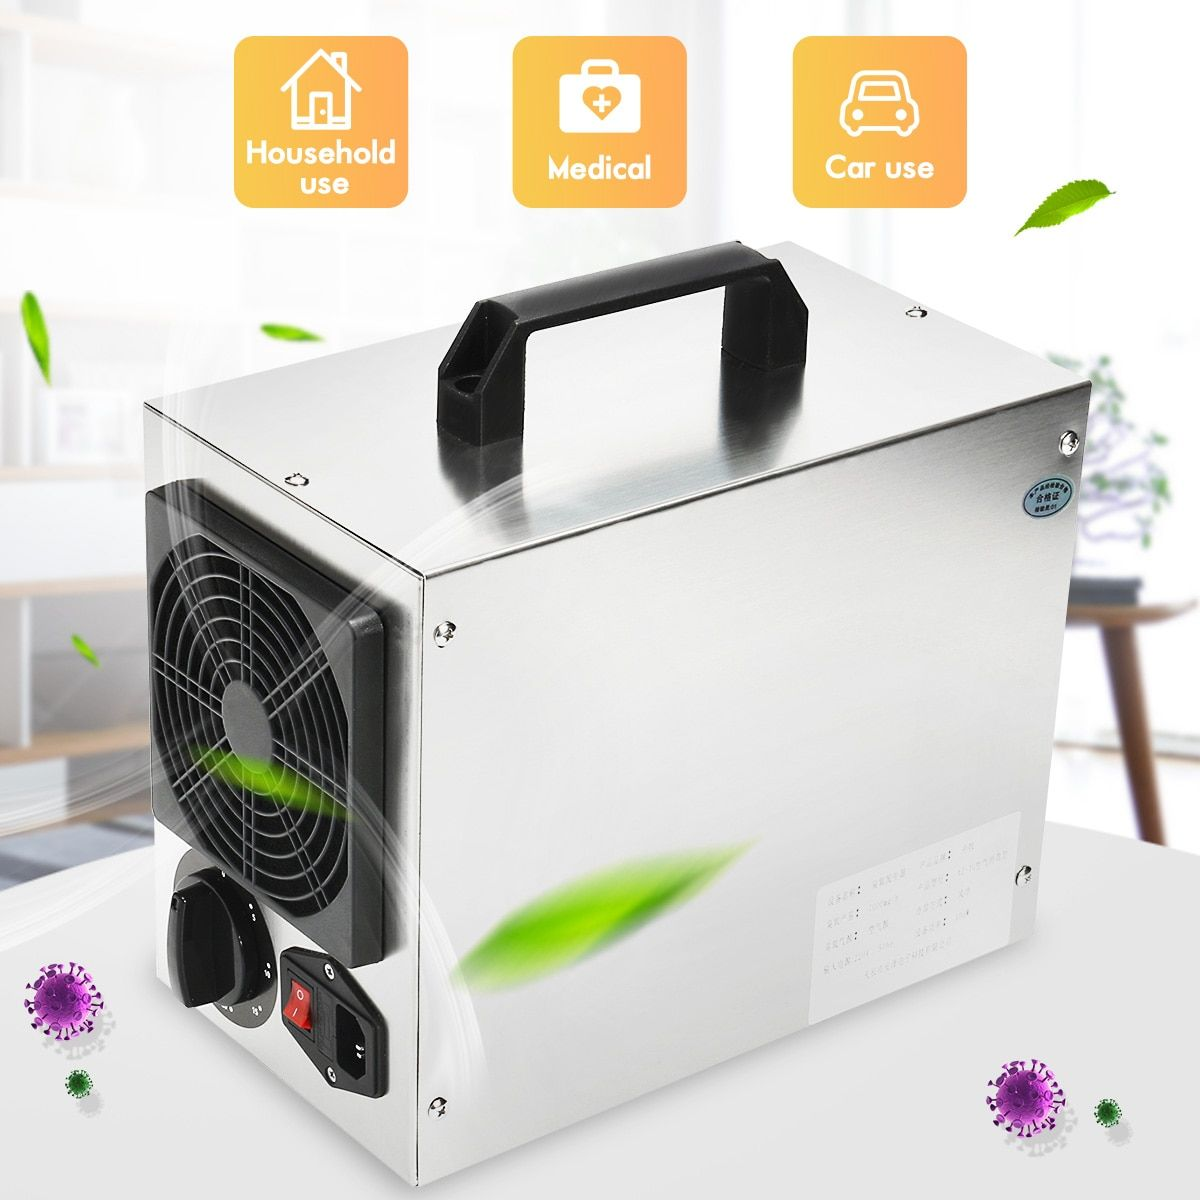 220 v/110 v Hause Kommerziellen Ozon Generator 7 gr/std O3 Air Purifier Deodorizer Luft Reiniger Für Krankenhaus Fabrik AU Stecker